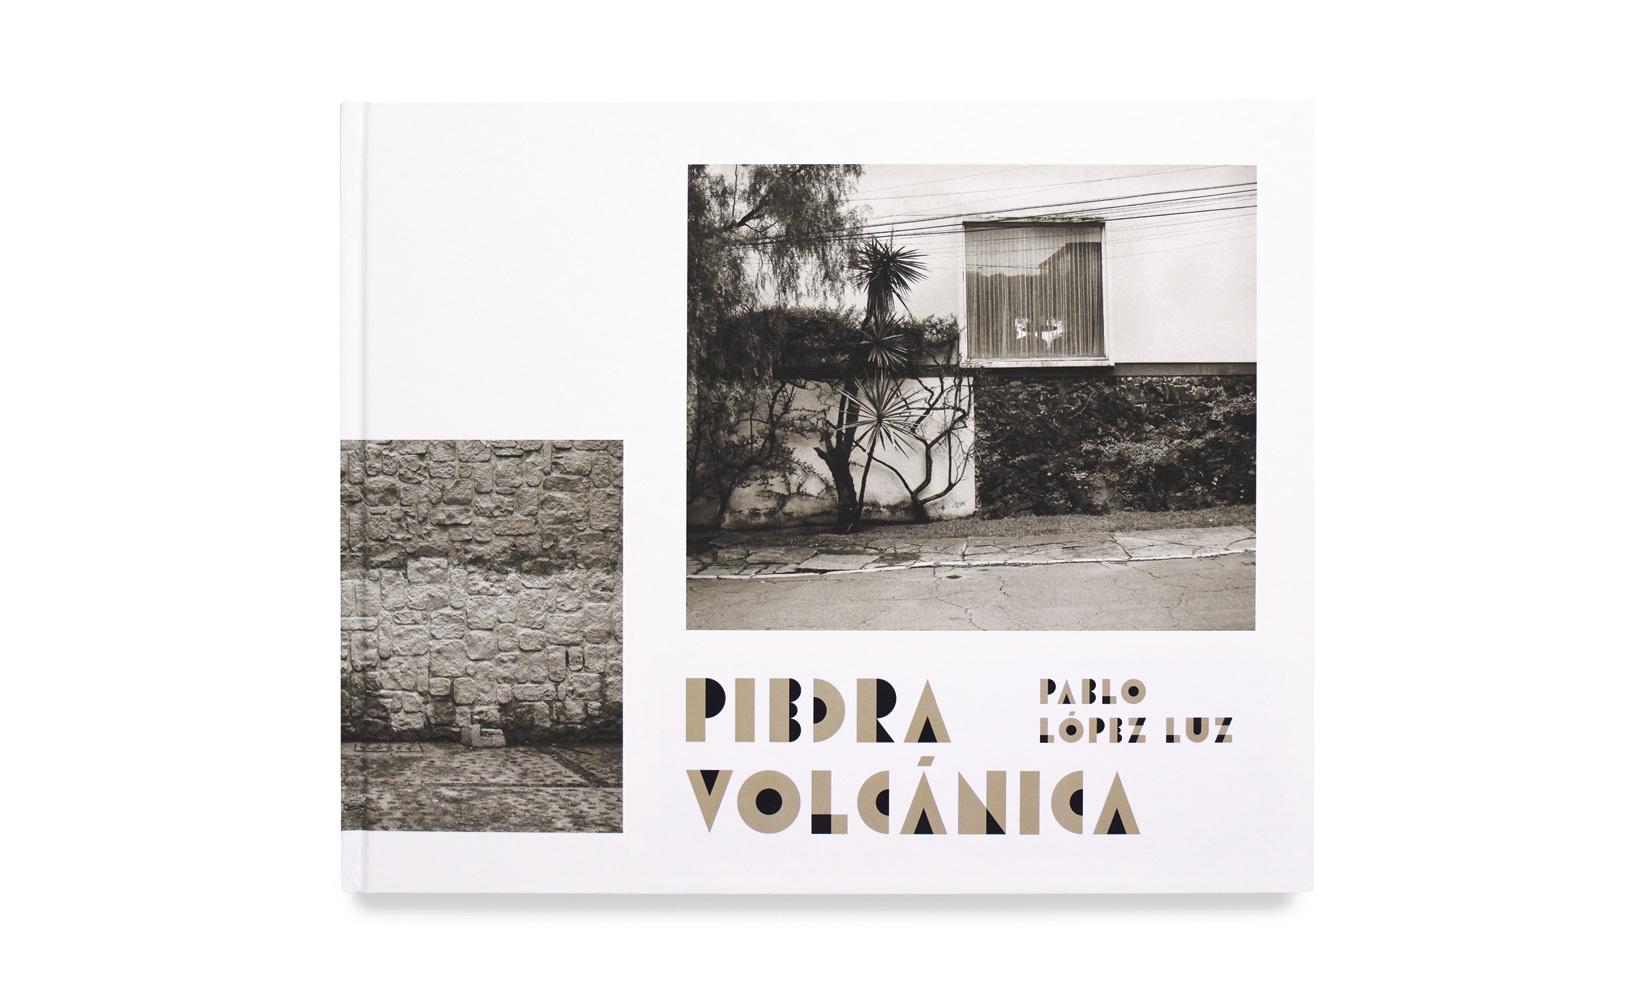 PABLO LOPEZ LUZ PIEDRA VOLCANICA /ANGLAIS/ESPAGNOL